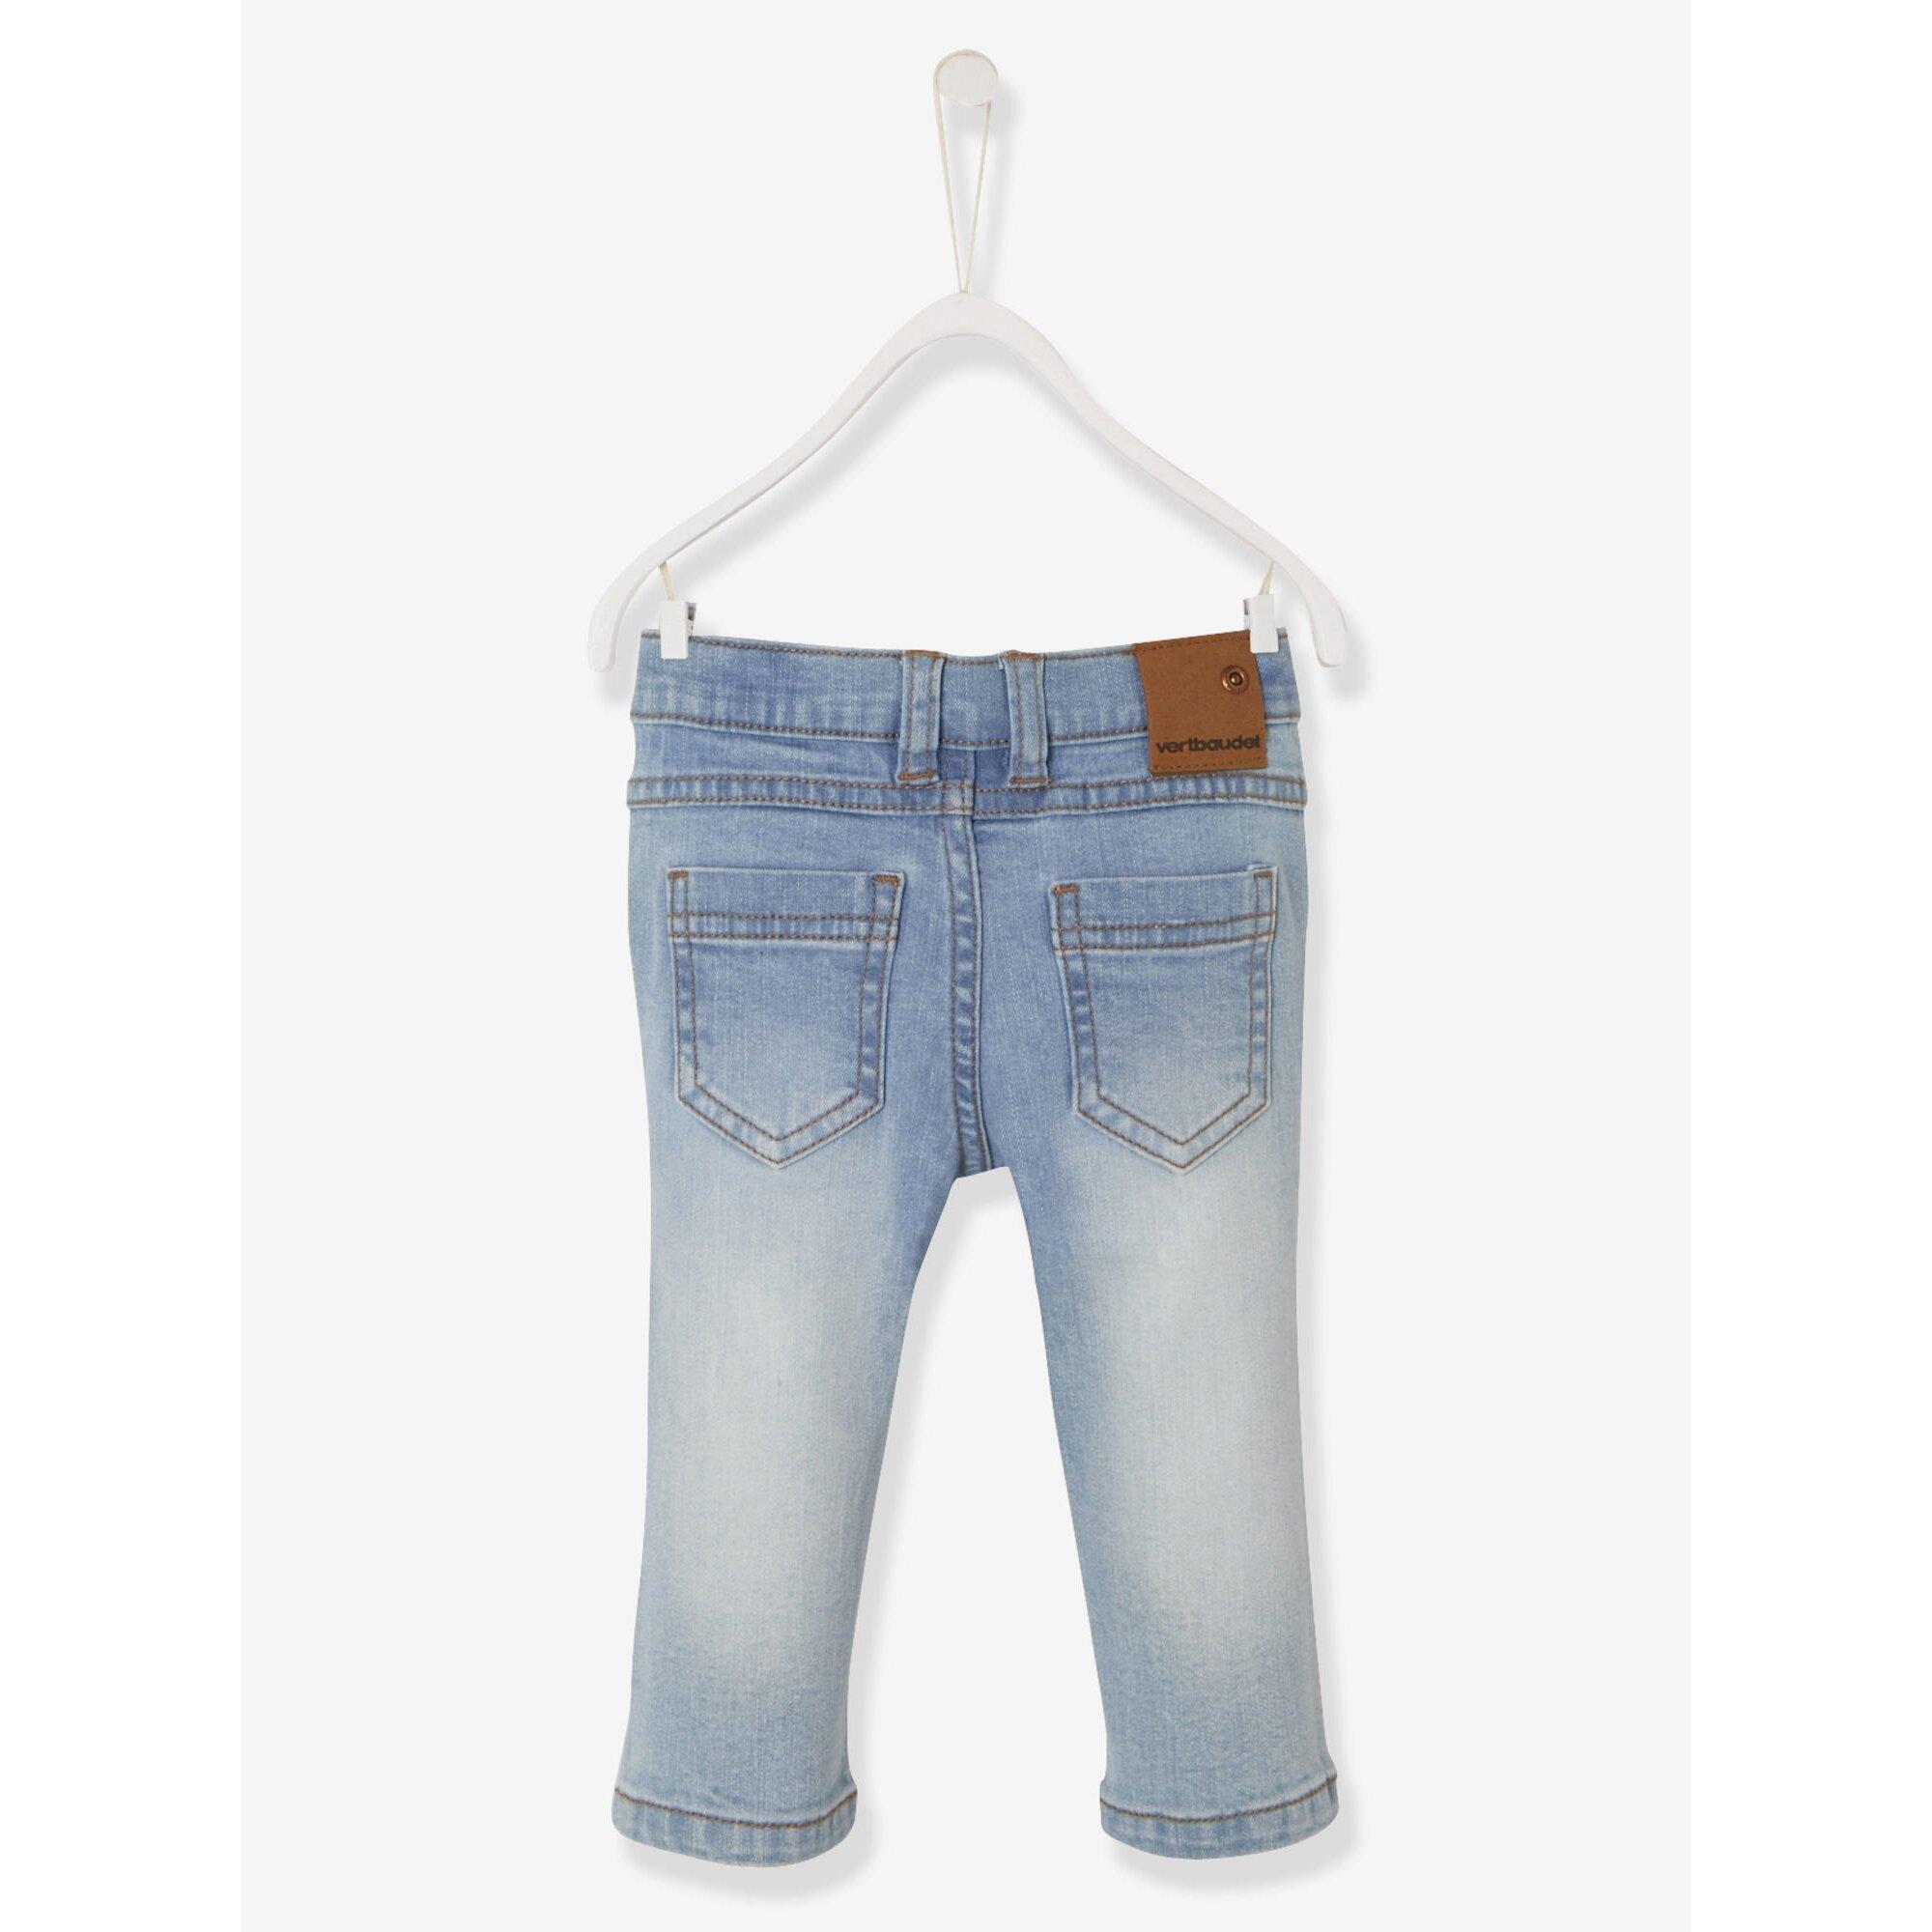 vertbaudet-happy-price-gerade-jeans-fur-baby-jungen